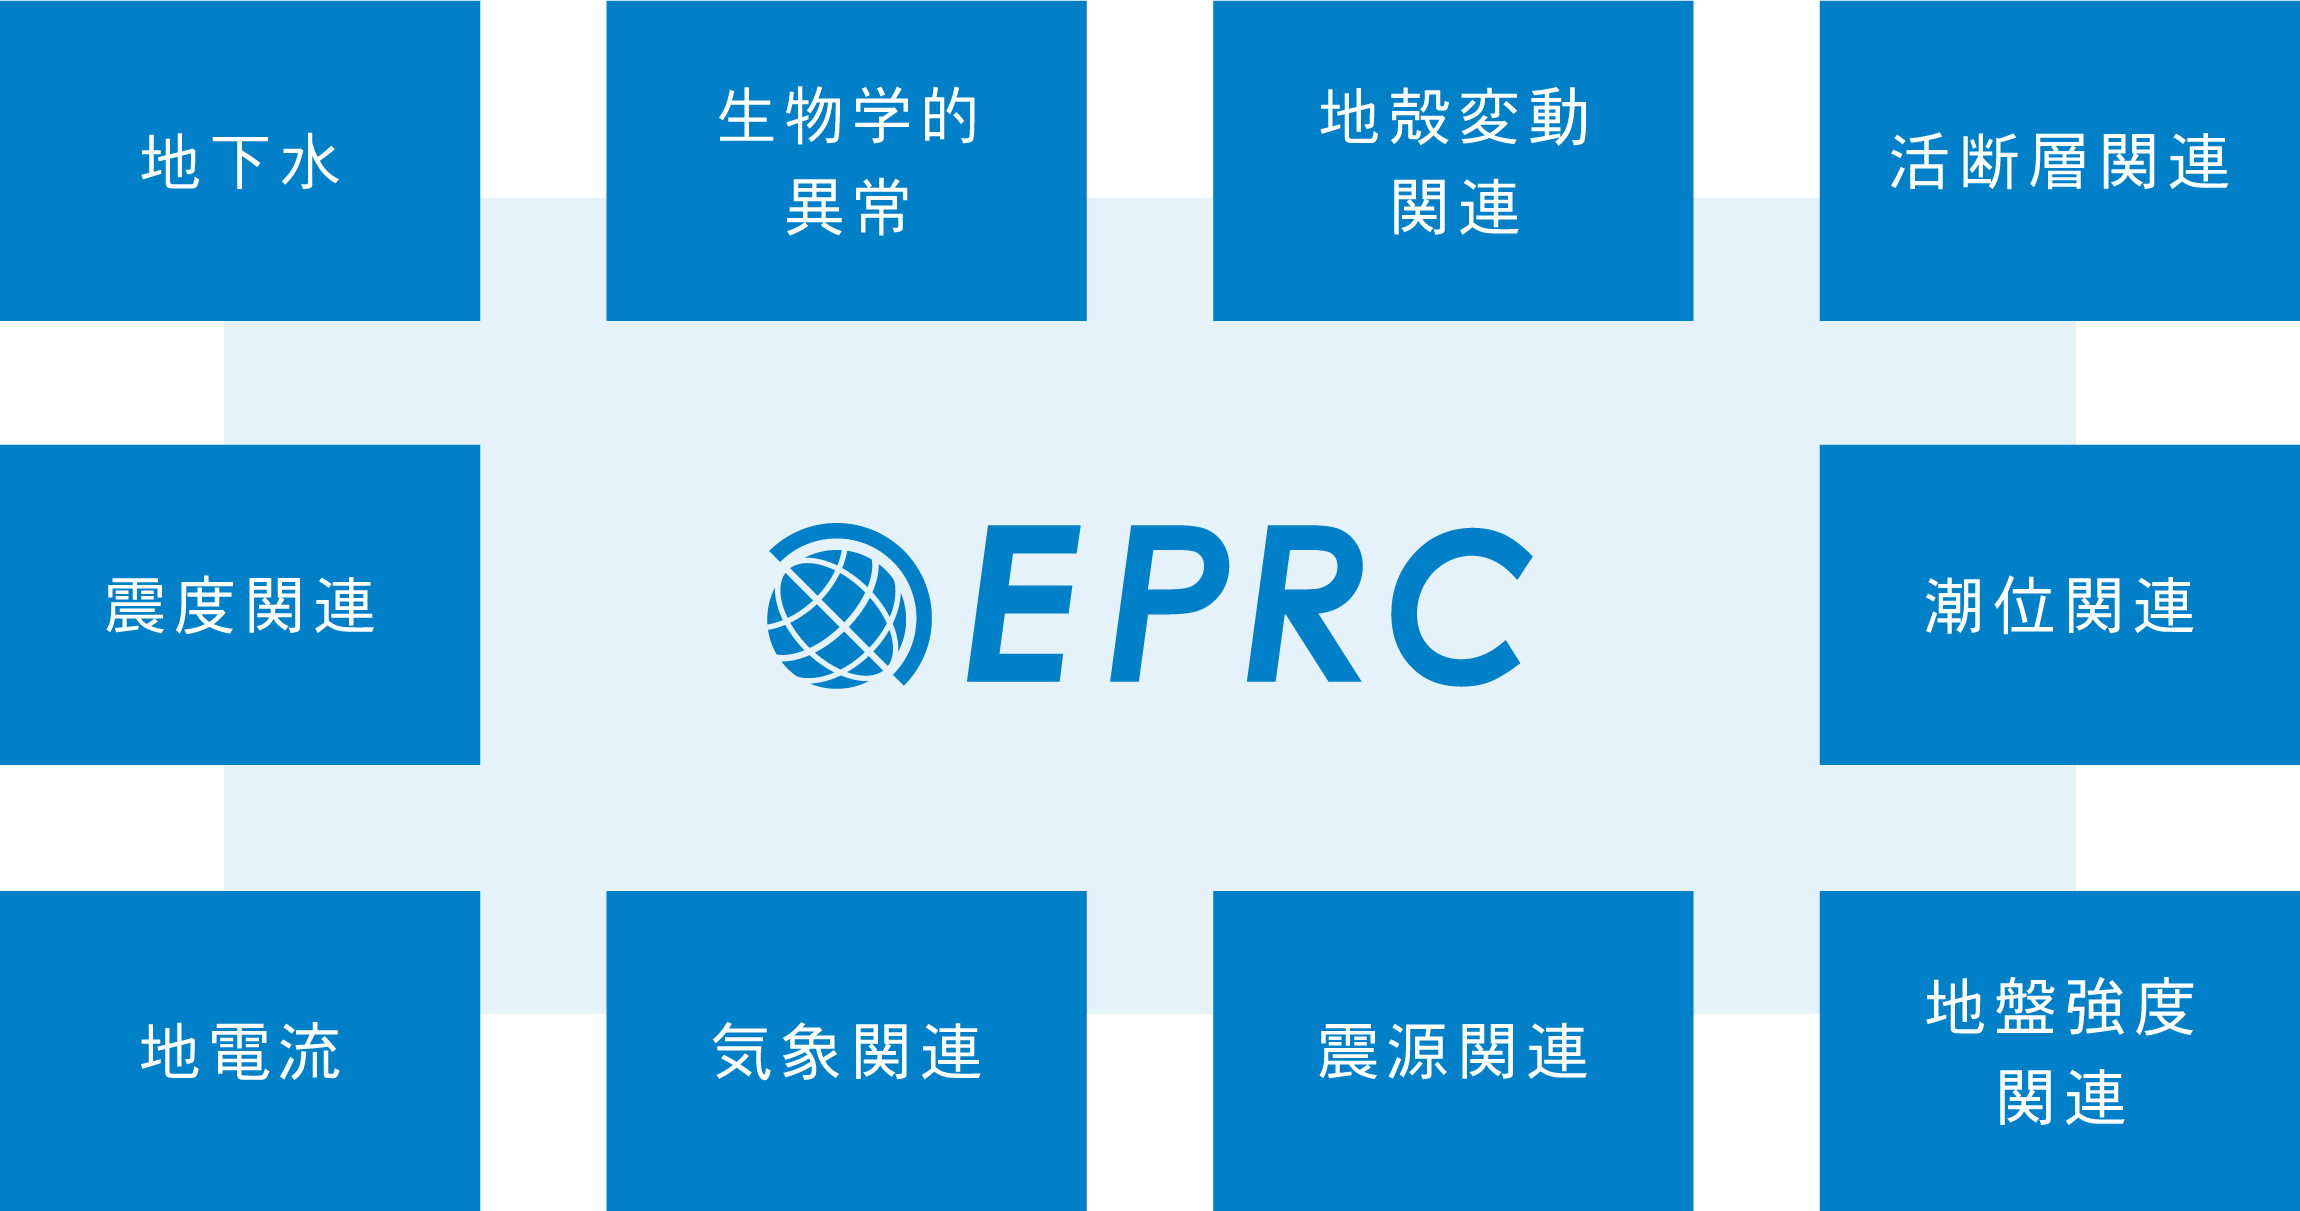 EPRCの研究内容